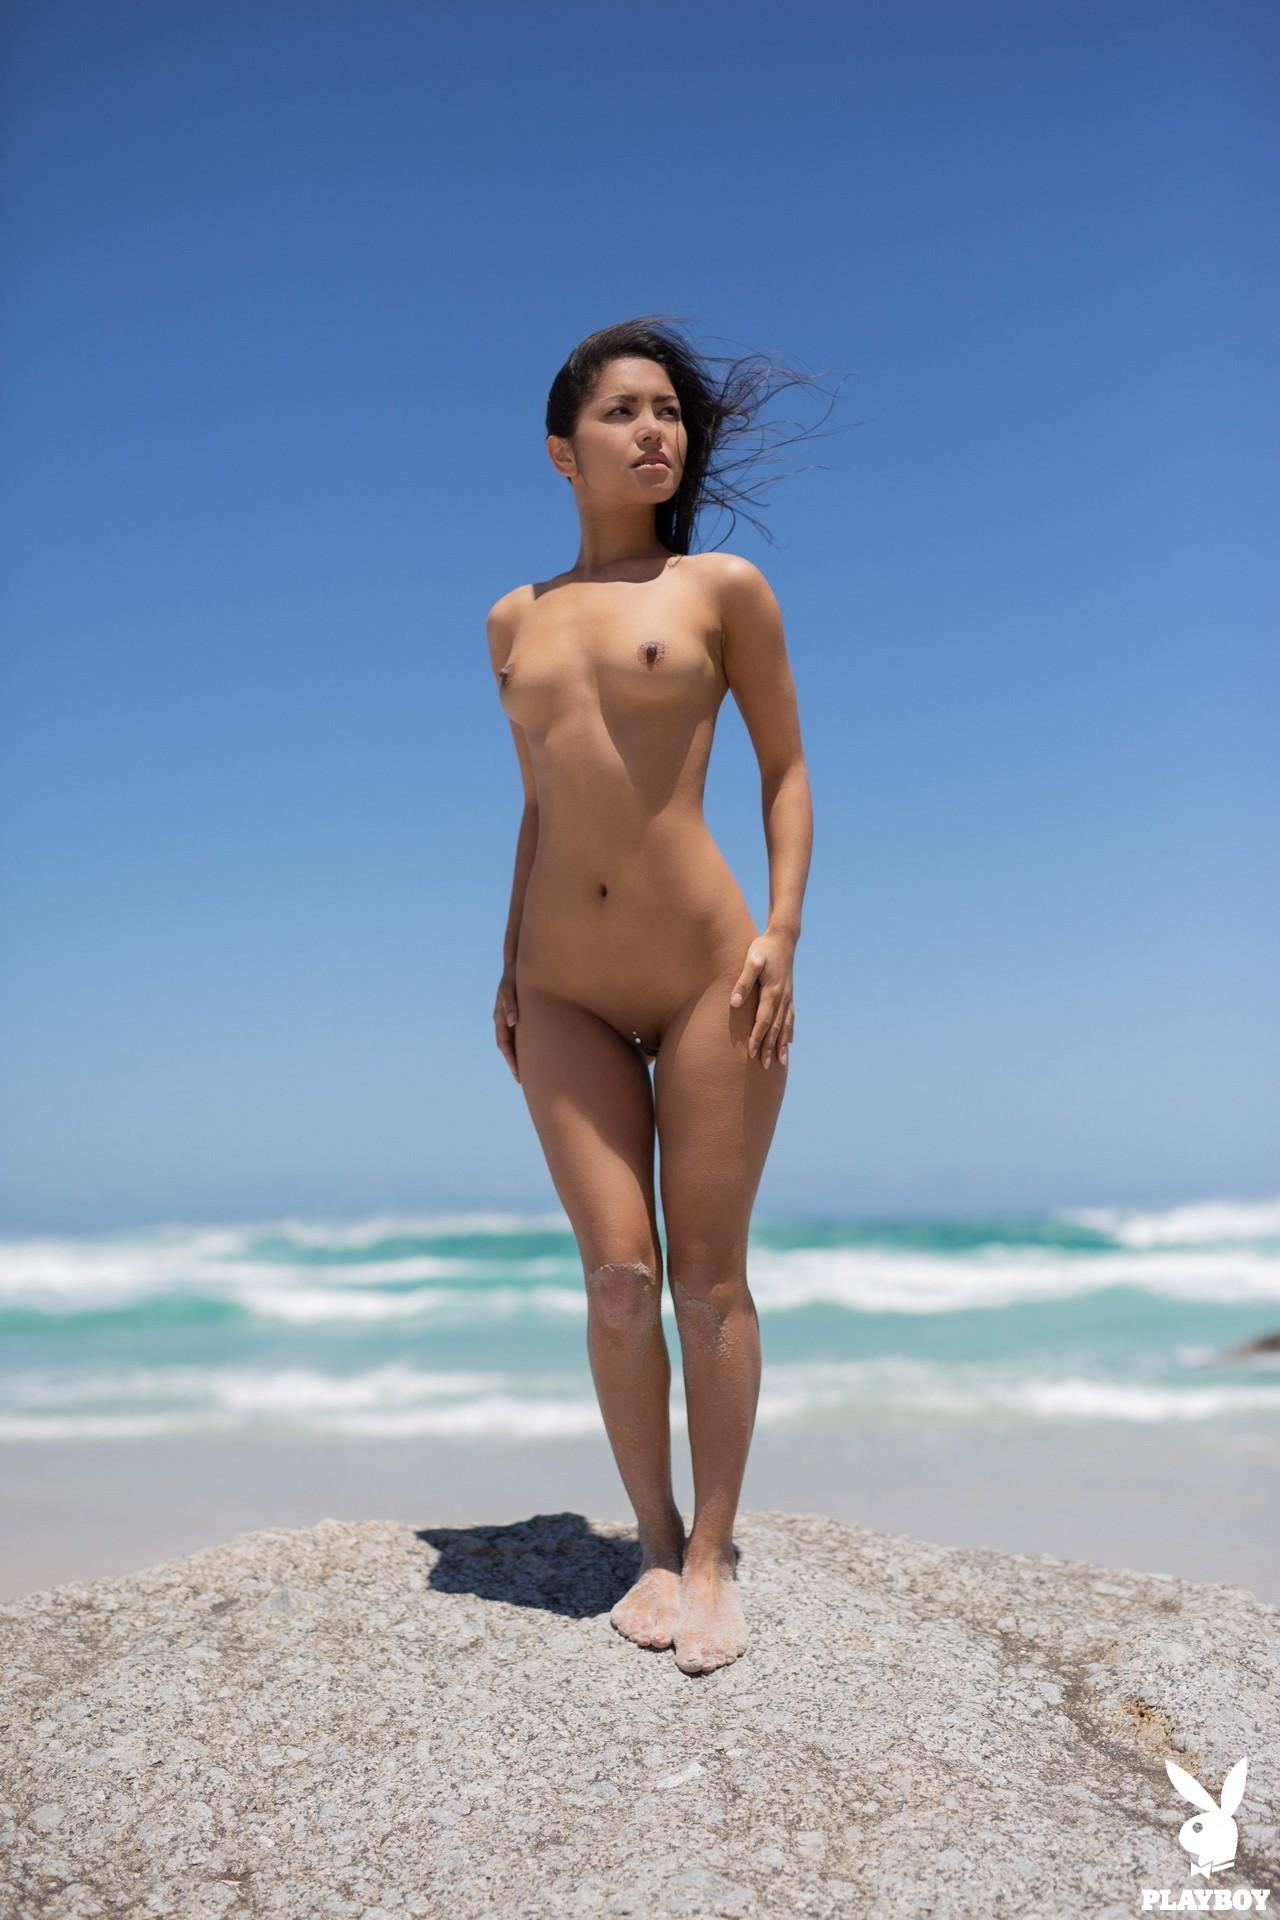 Chloe Rose in Windswept - Playboy Plus 17